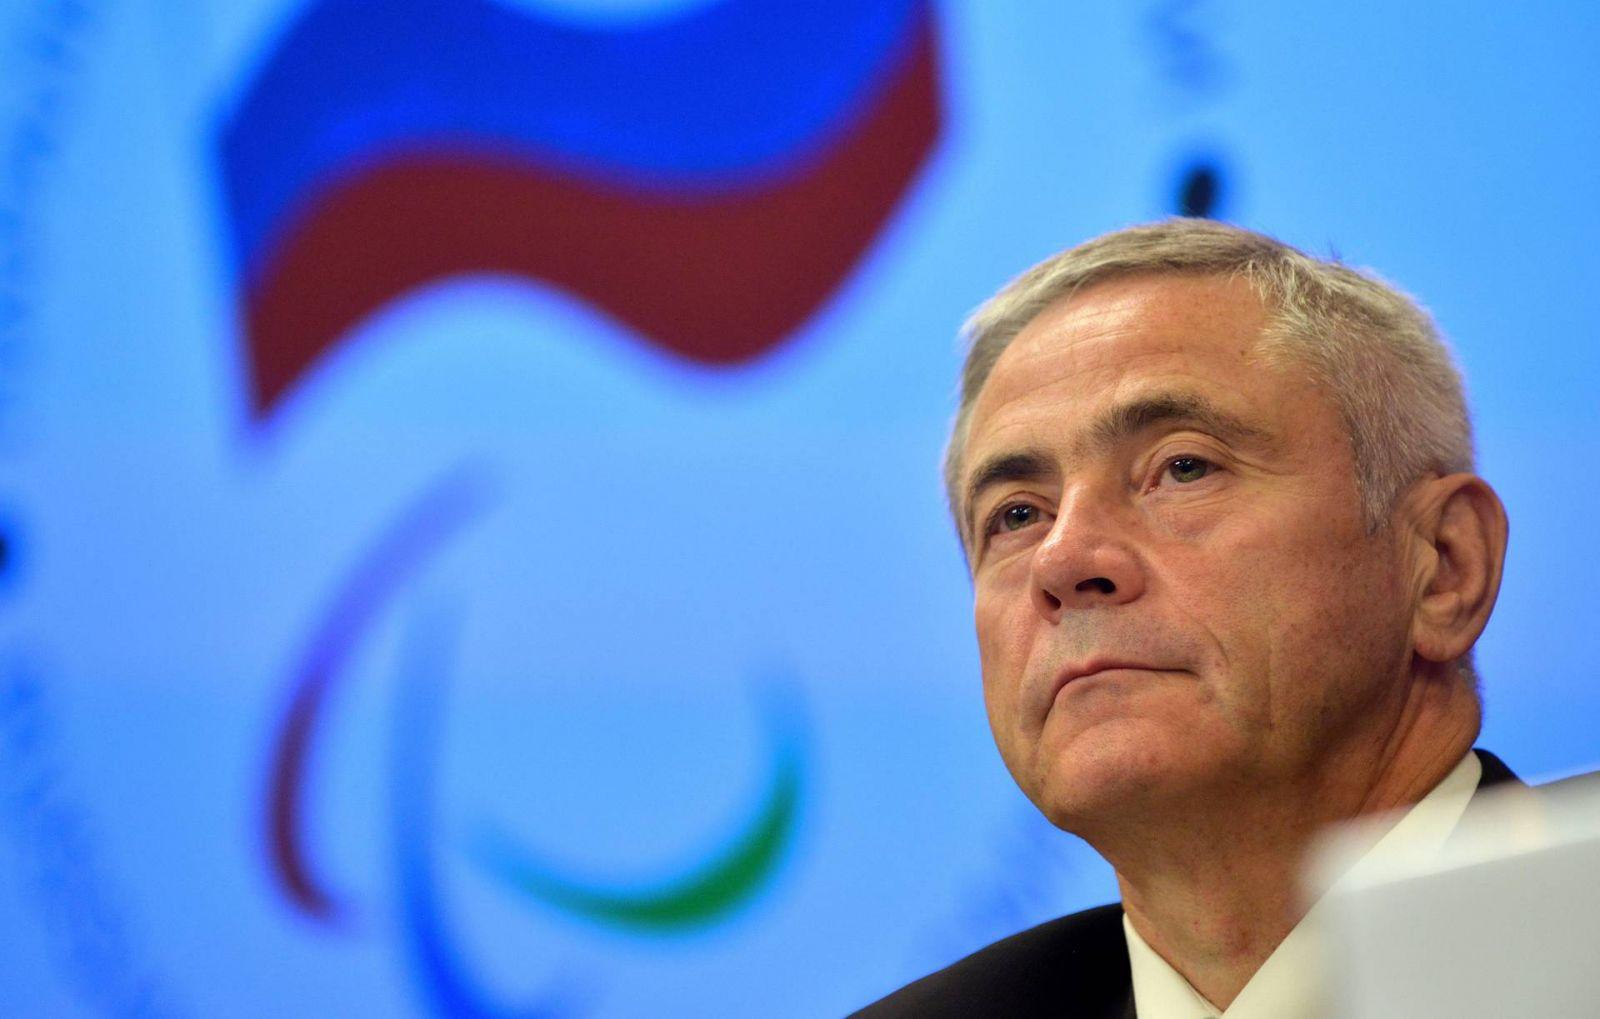 ТАСС: Церемония поднятия флага России на Паралимпиаде в Токио пройдет 23 или 24 августа